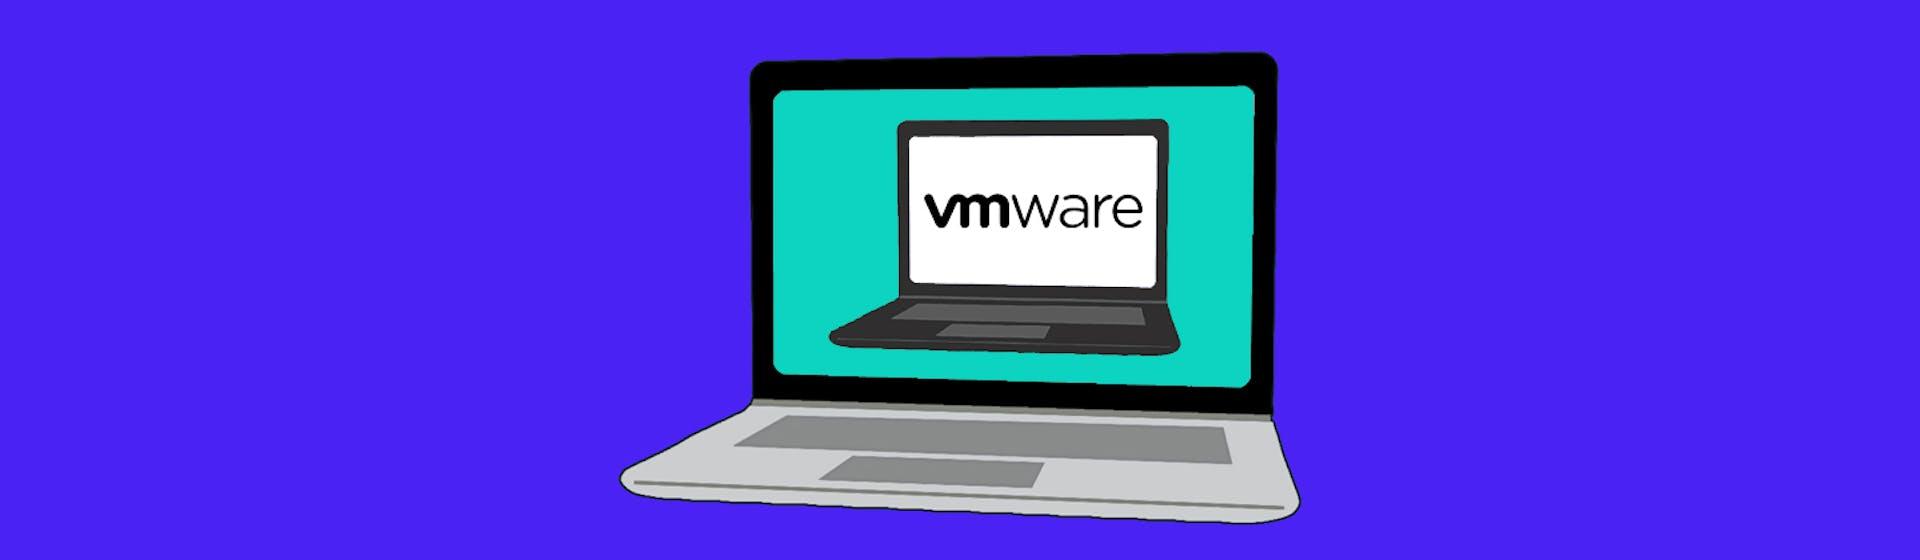 ¿Qué es VMware? Aprende a crear computadoras virtuales para ser experto en cloud computing